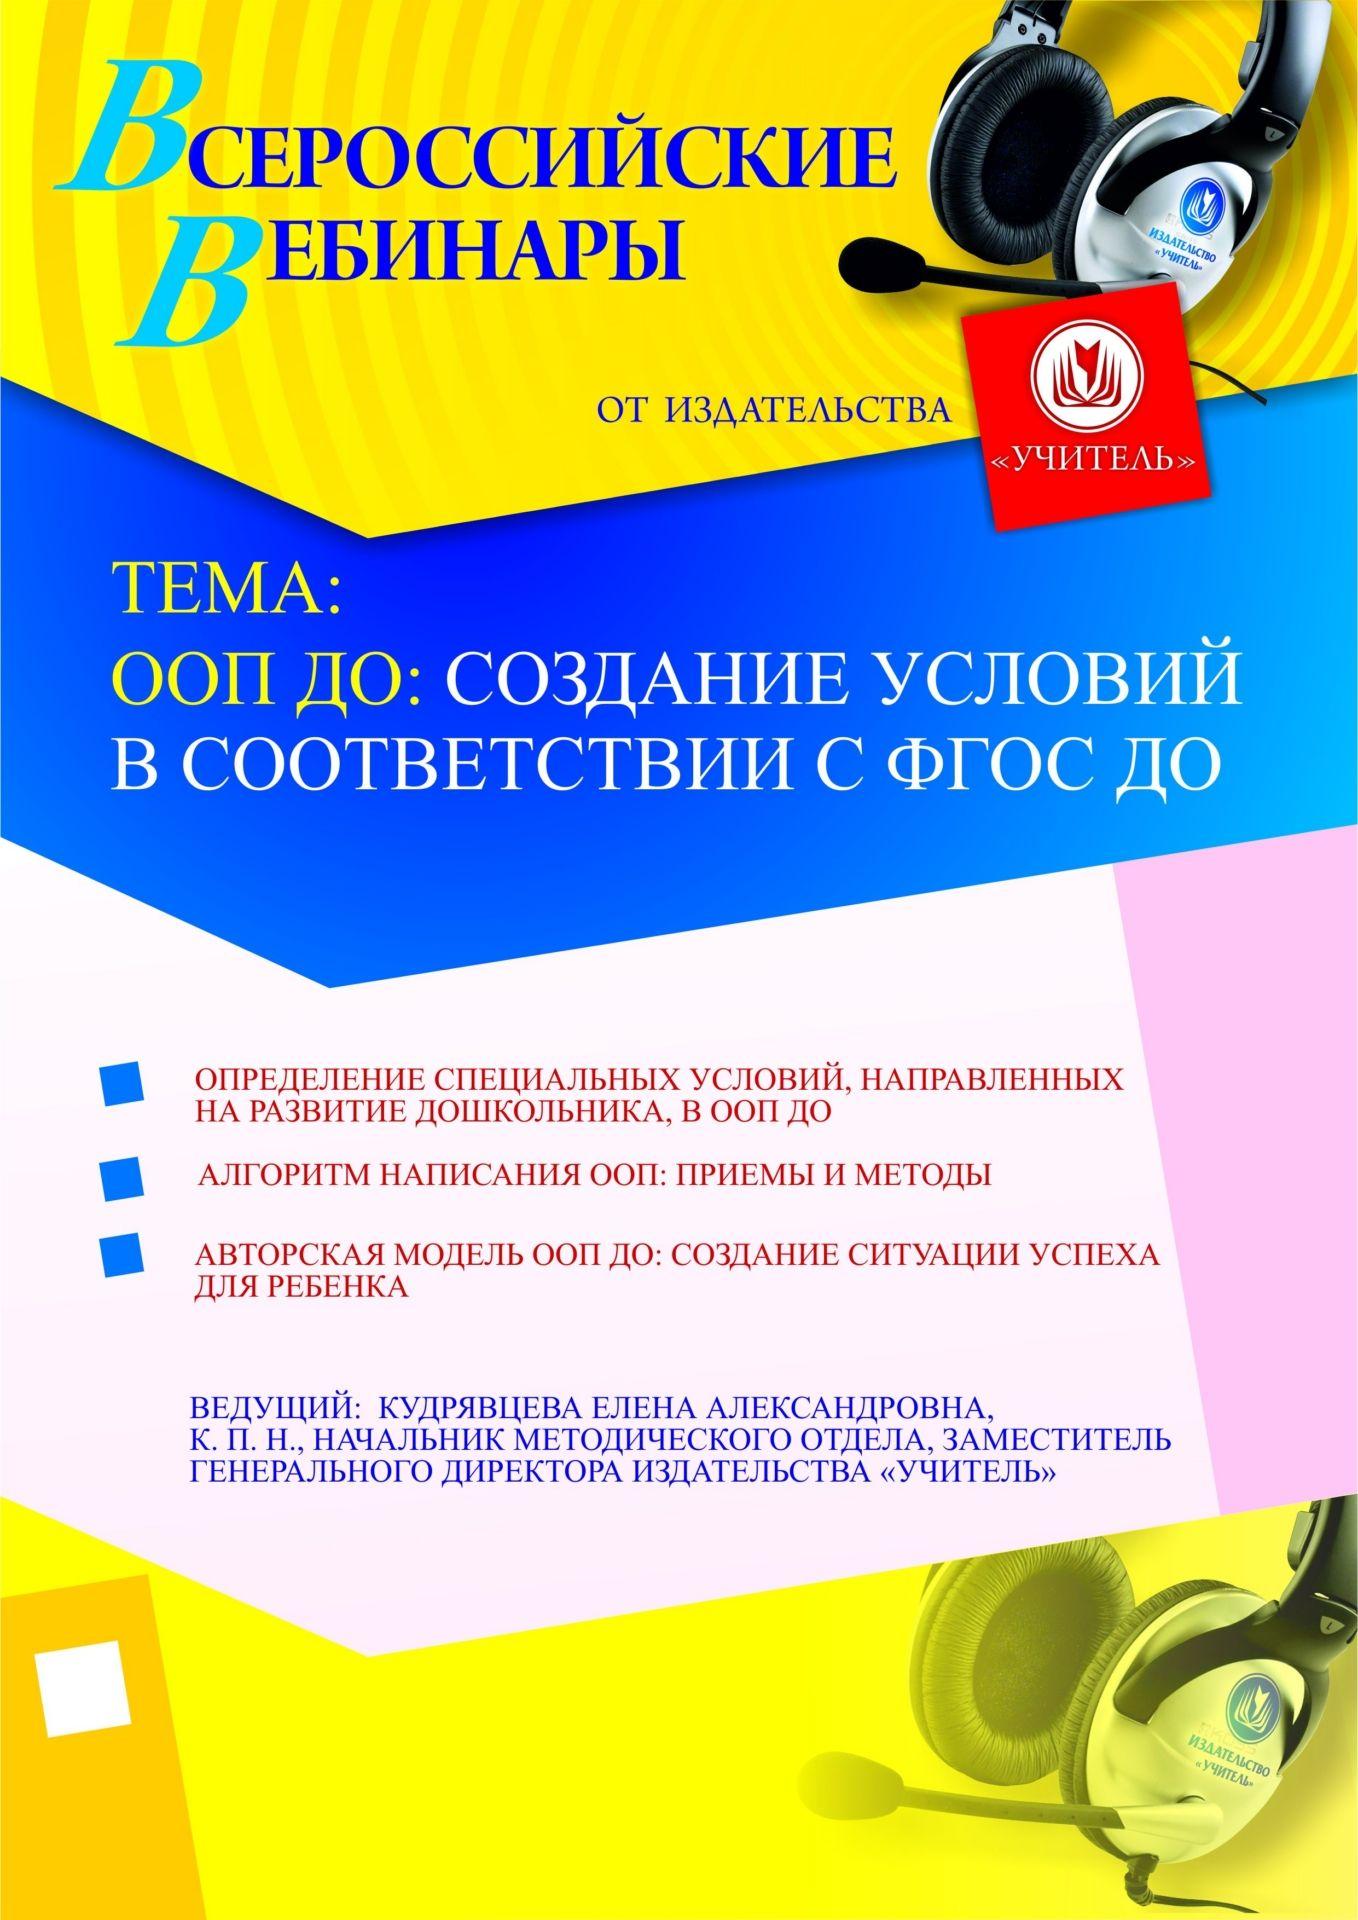 ООП ДО: создание условий в соответствии с ФГОС ДО фото